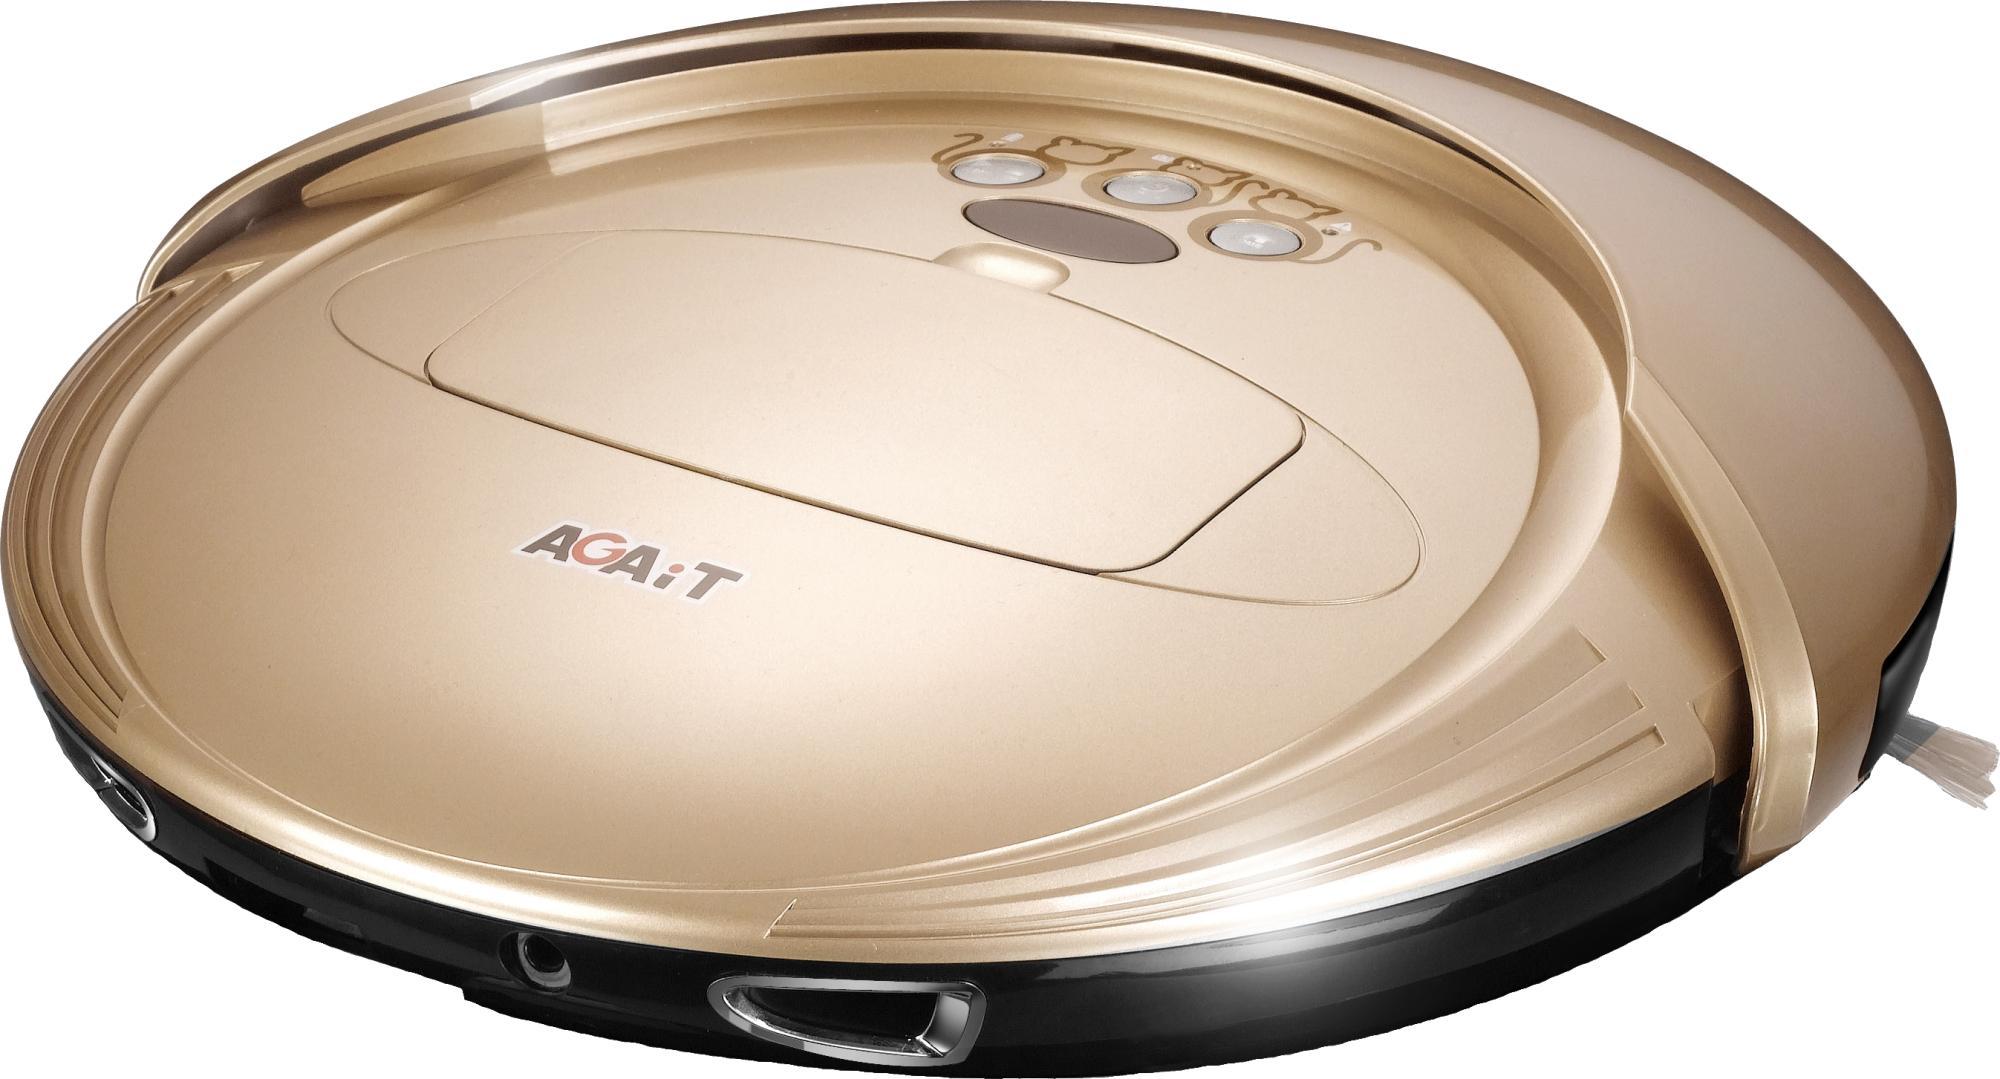 Agait EC02